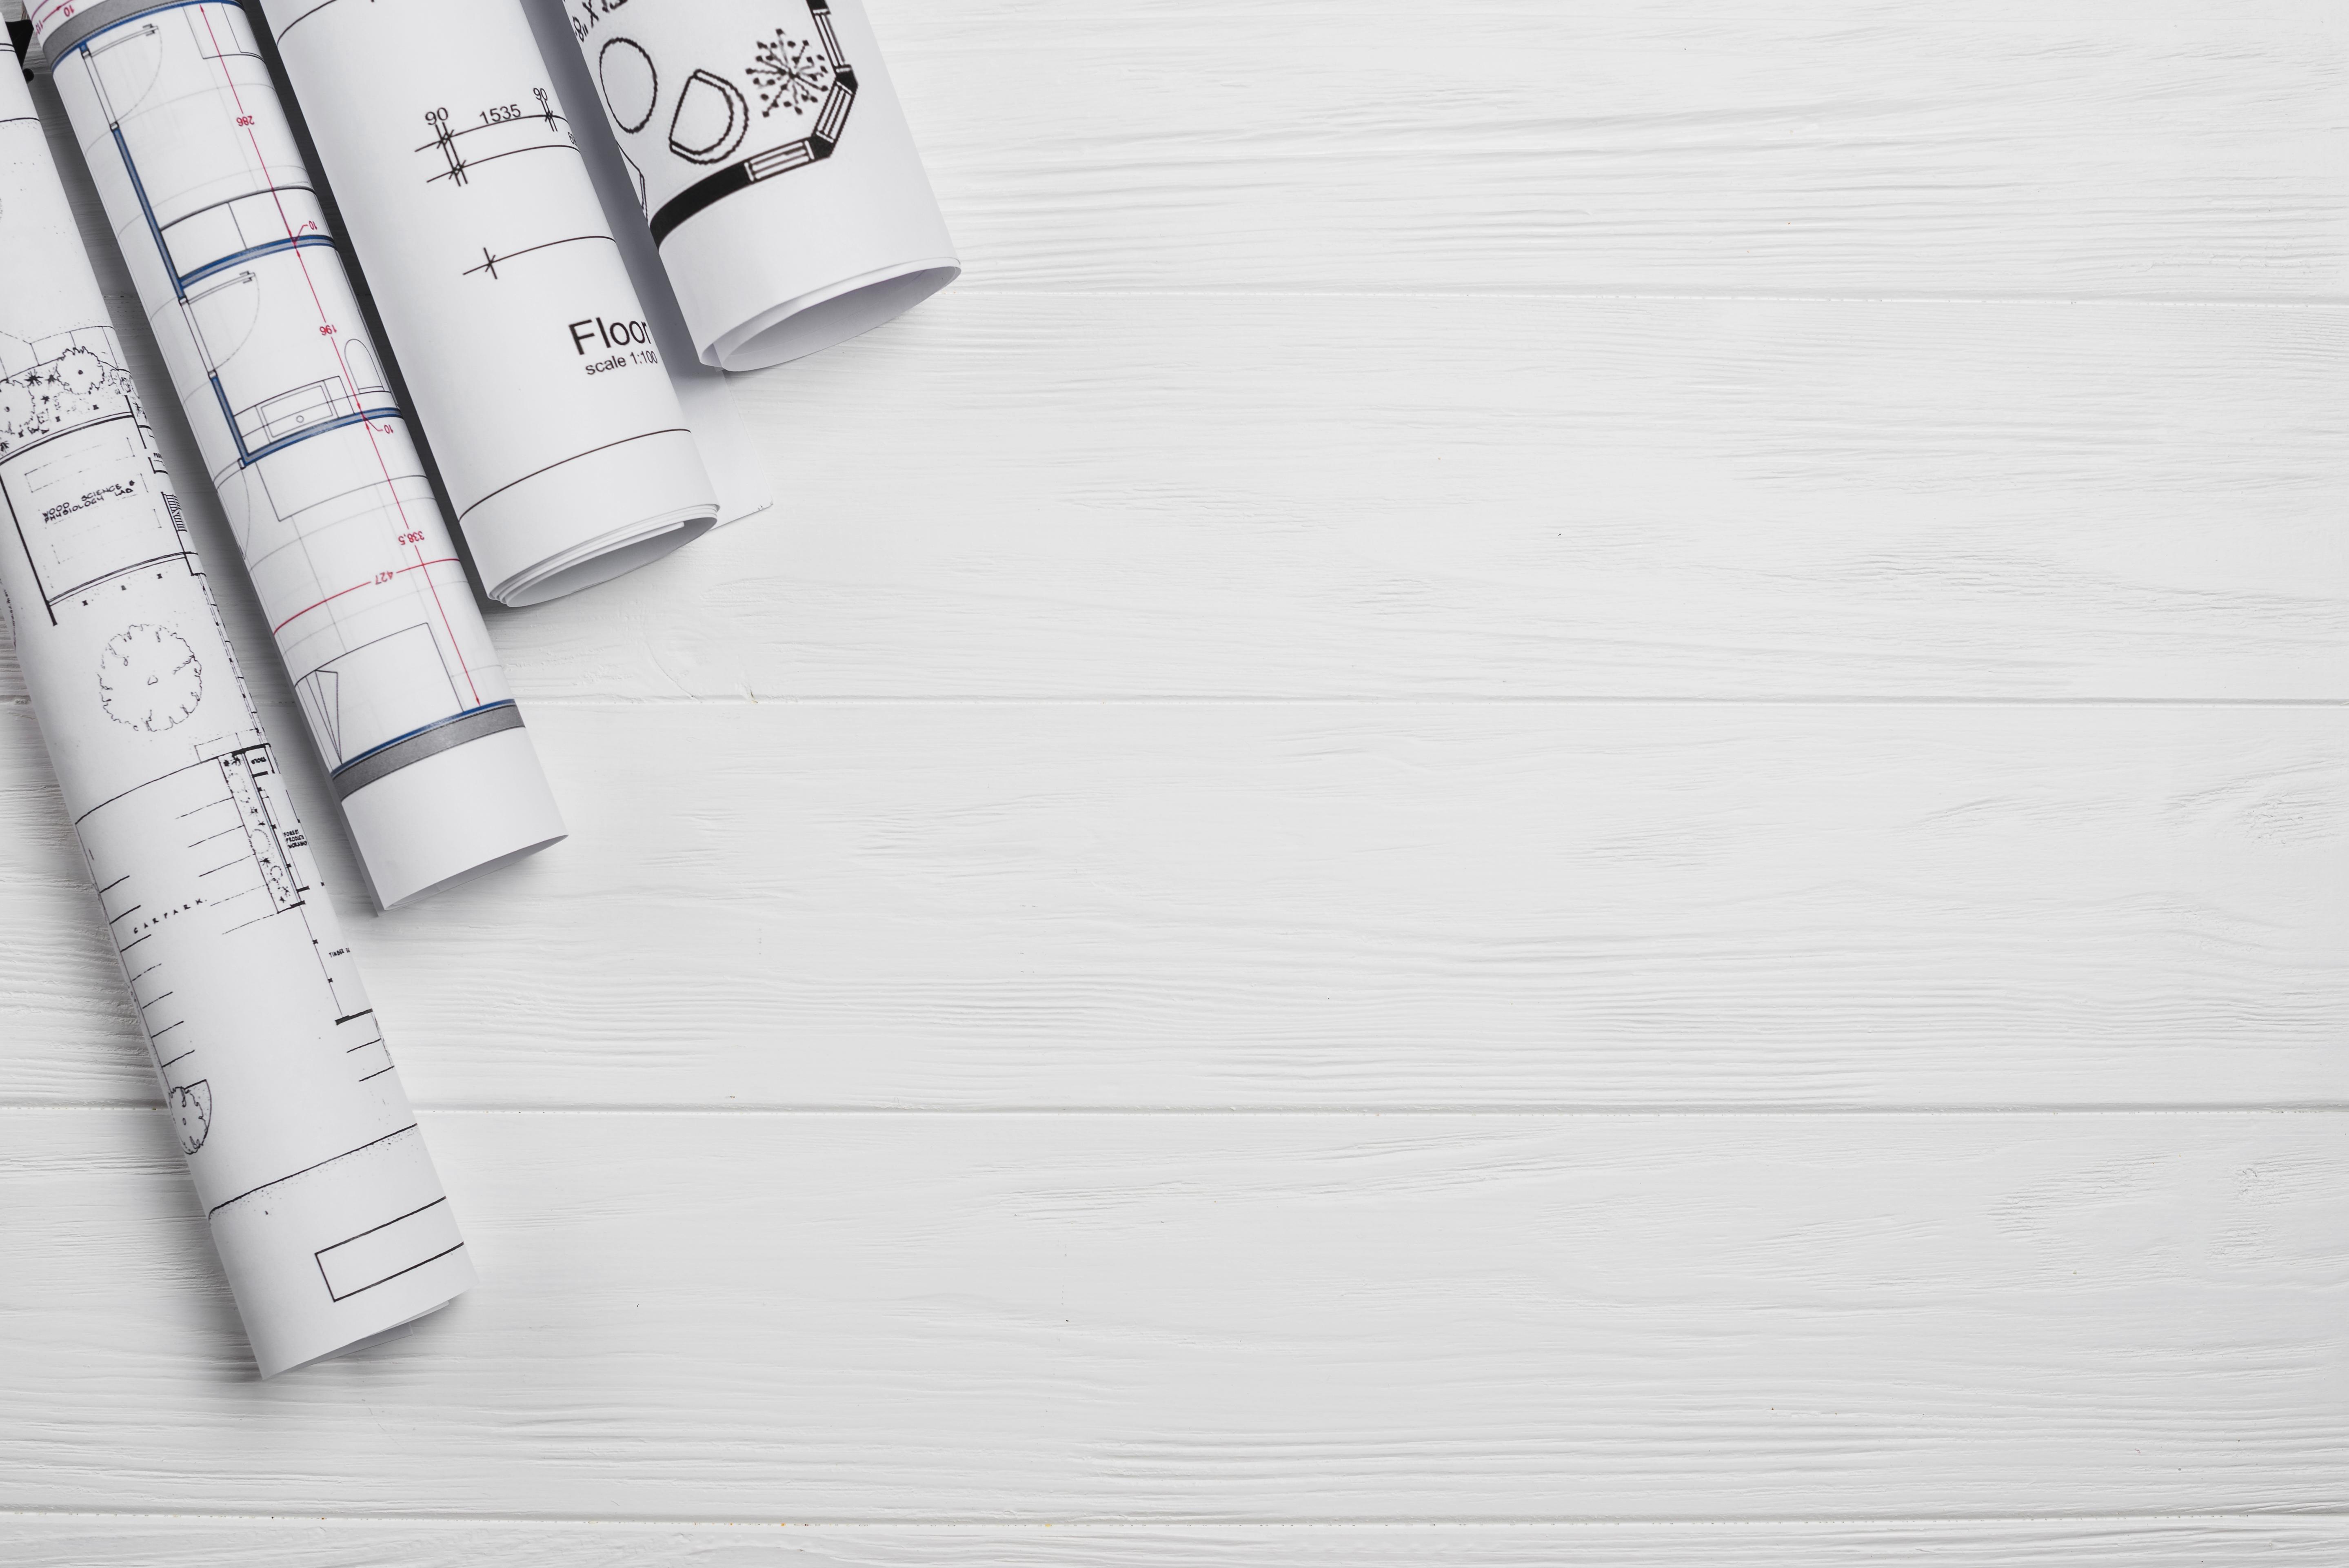 Agilizza Palmas - Soluções em Engenharia e Despachante Imobiliário